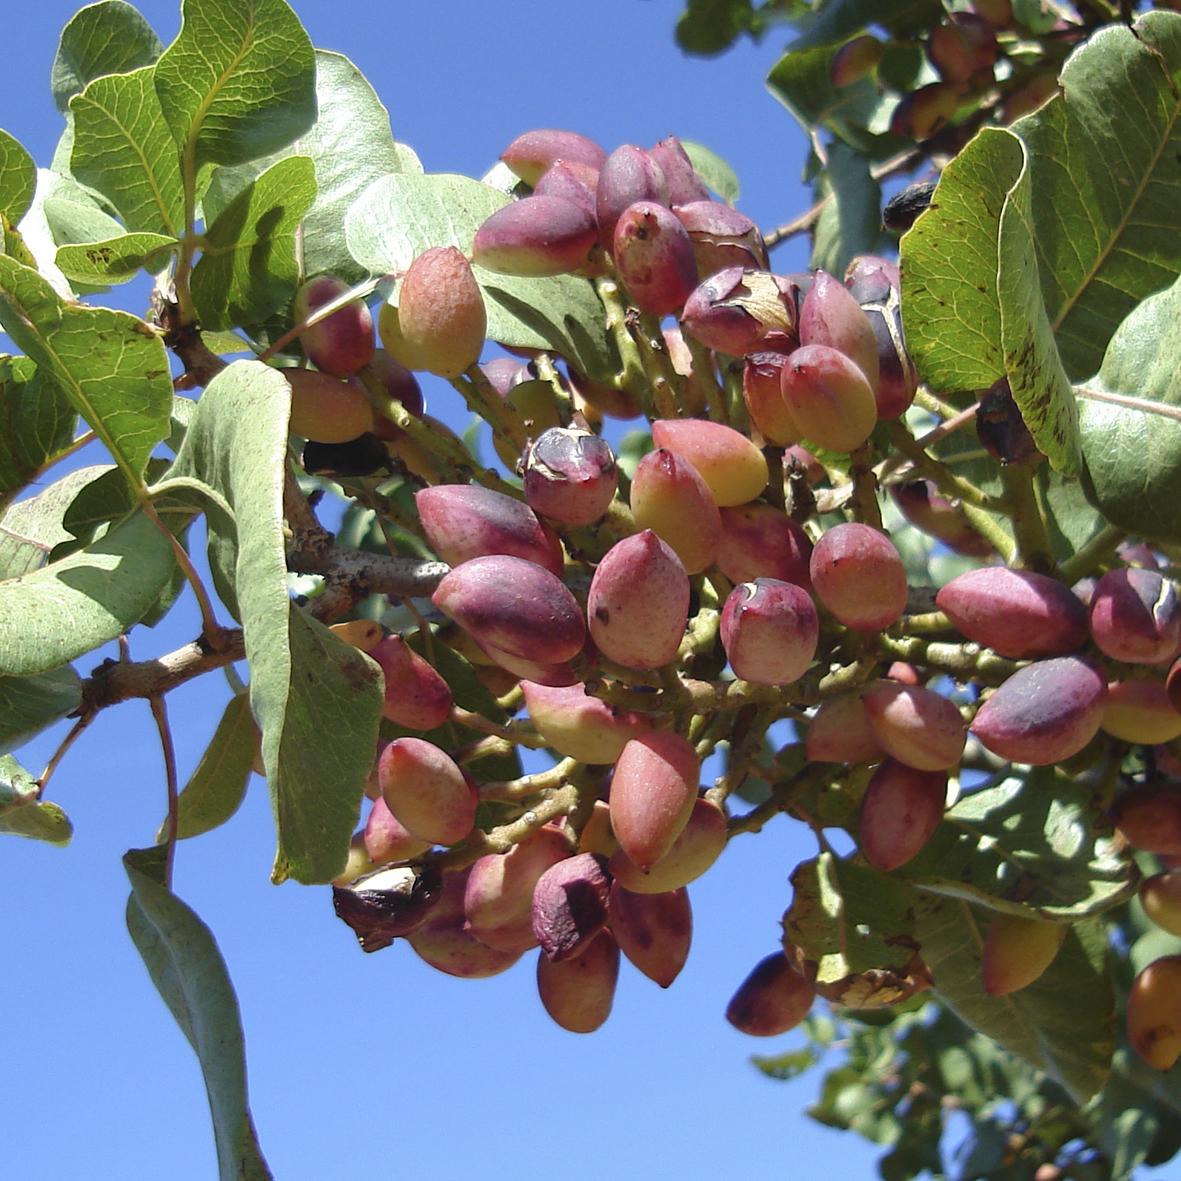 Rboles frutales pistachos y olivos viveros provedo for Viveros frutales